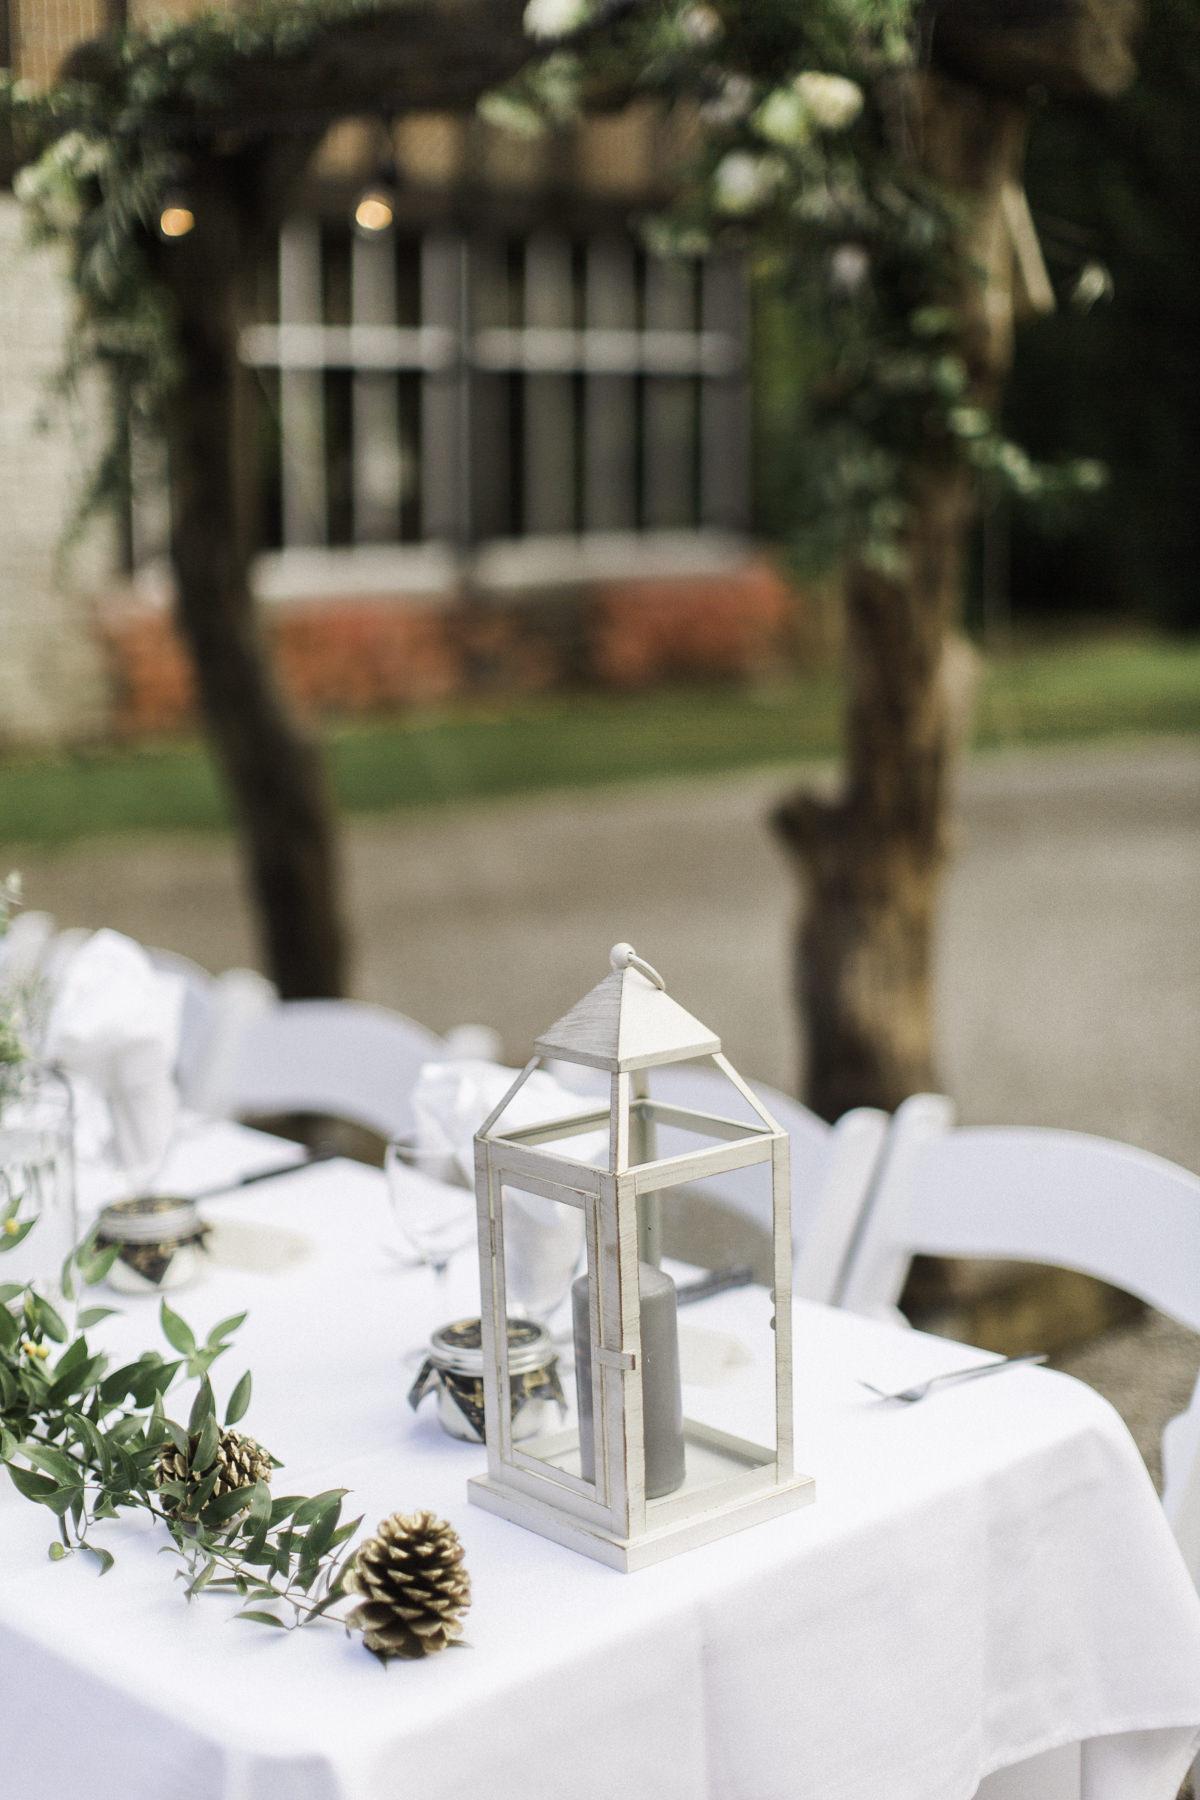 Matt-and-Chelsey-Nelson-wedding-29.jpg